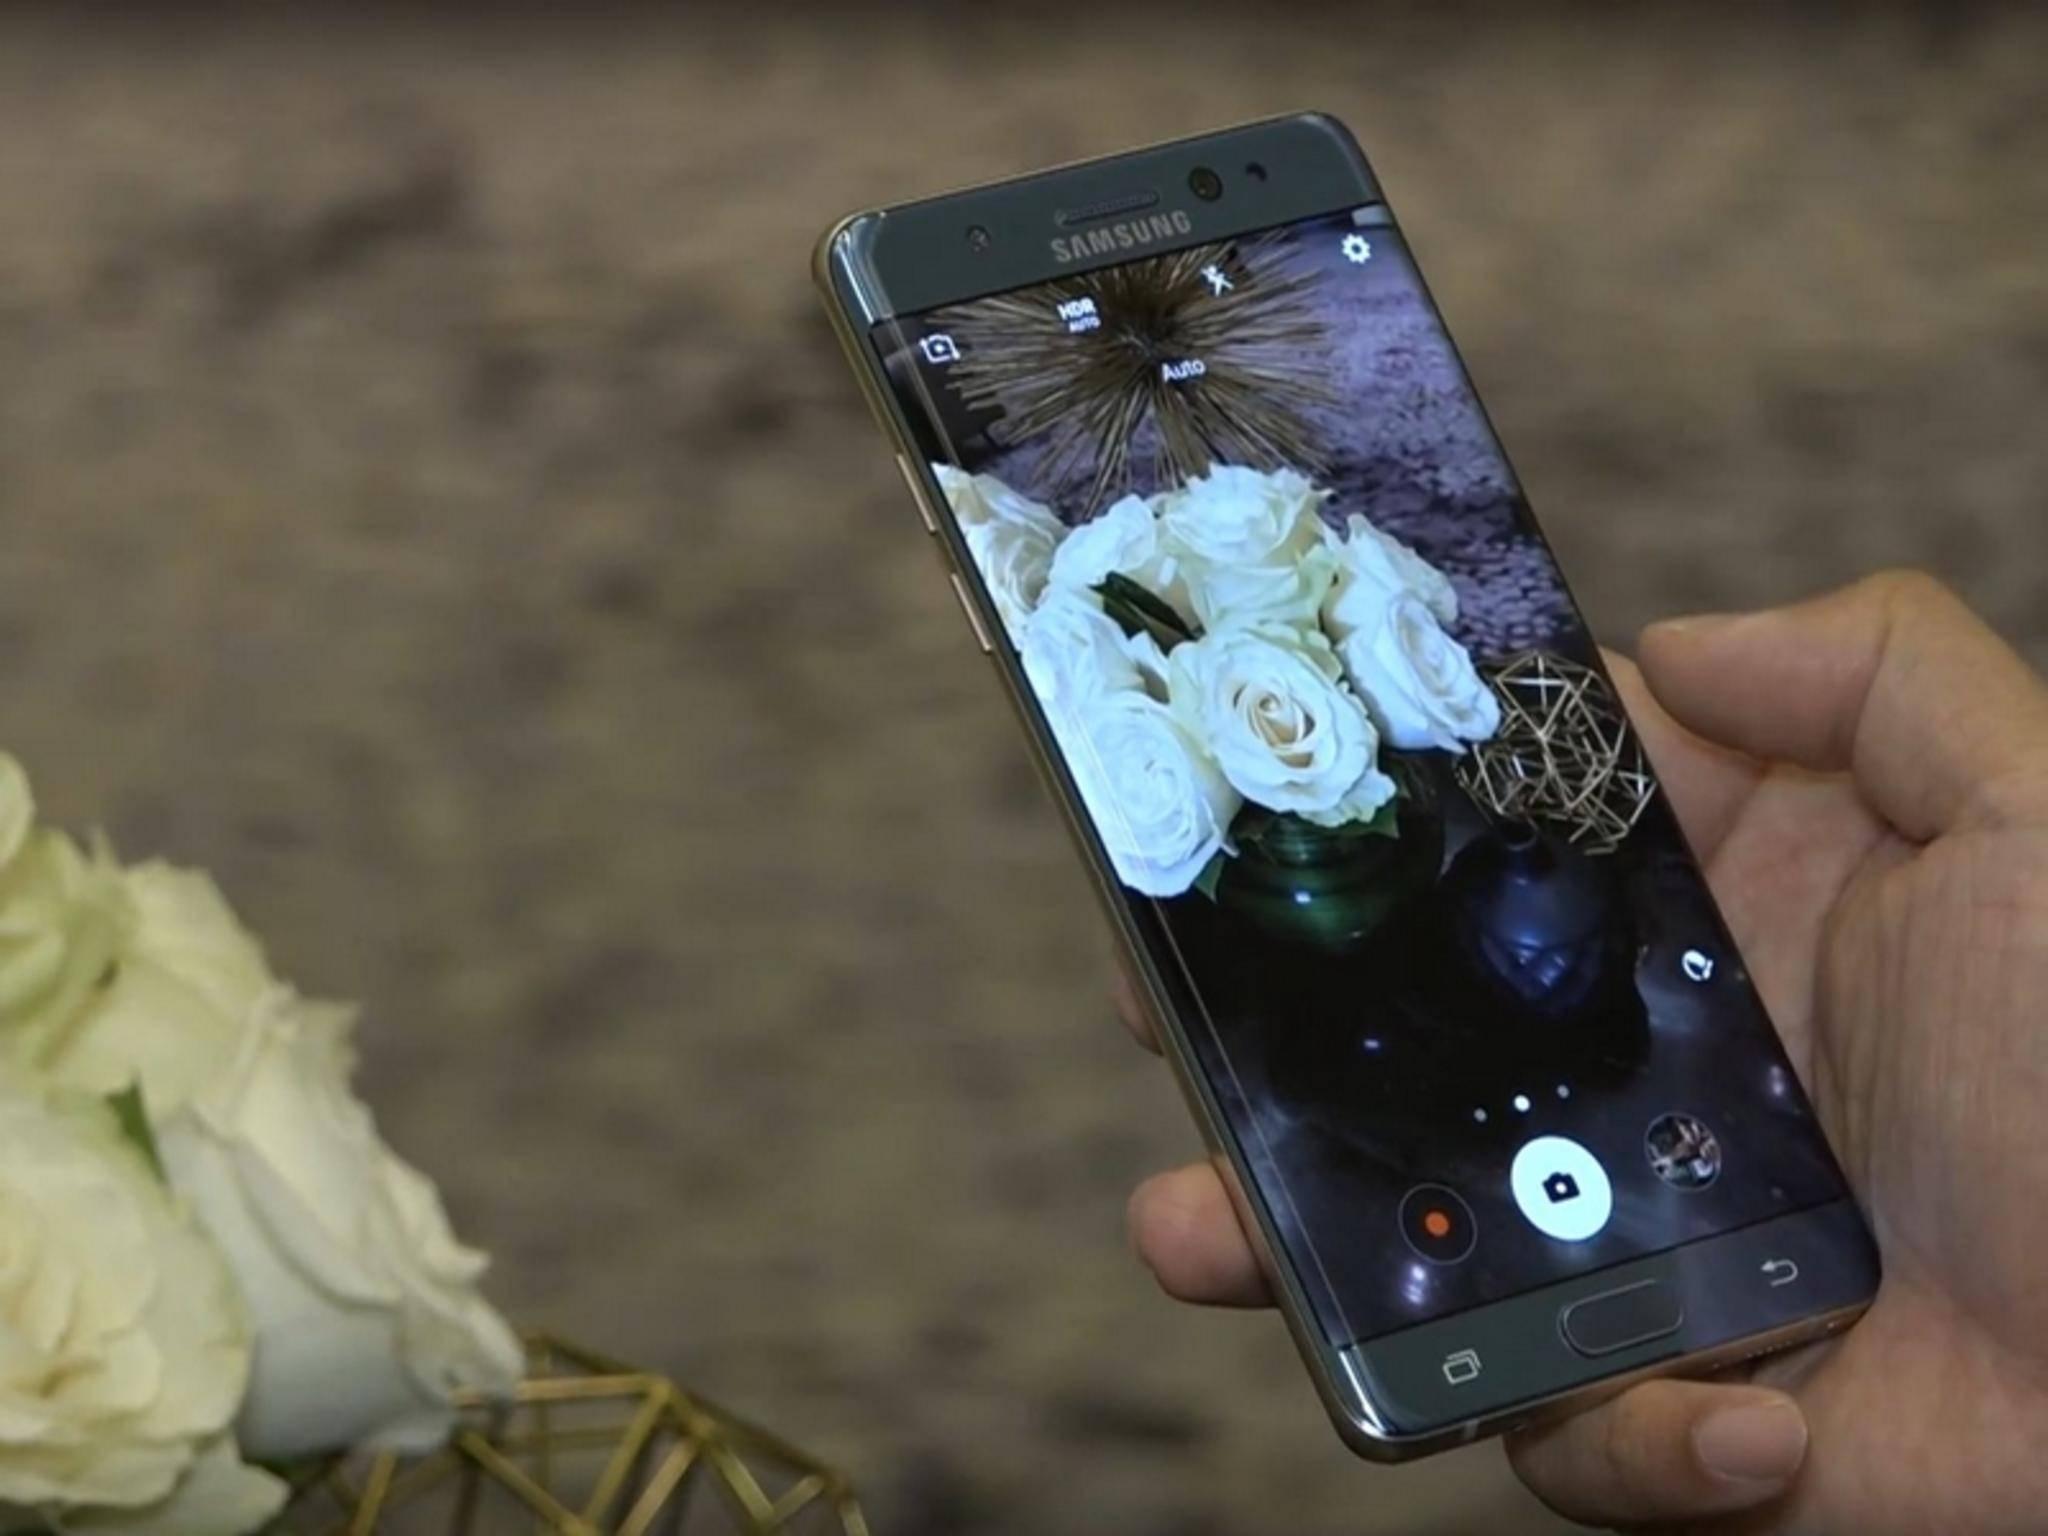 Das Galaxy Note 7 soll beim Aufladen angeblich explodieren.